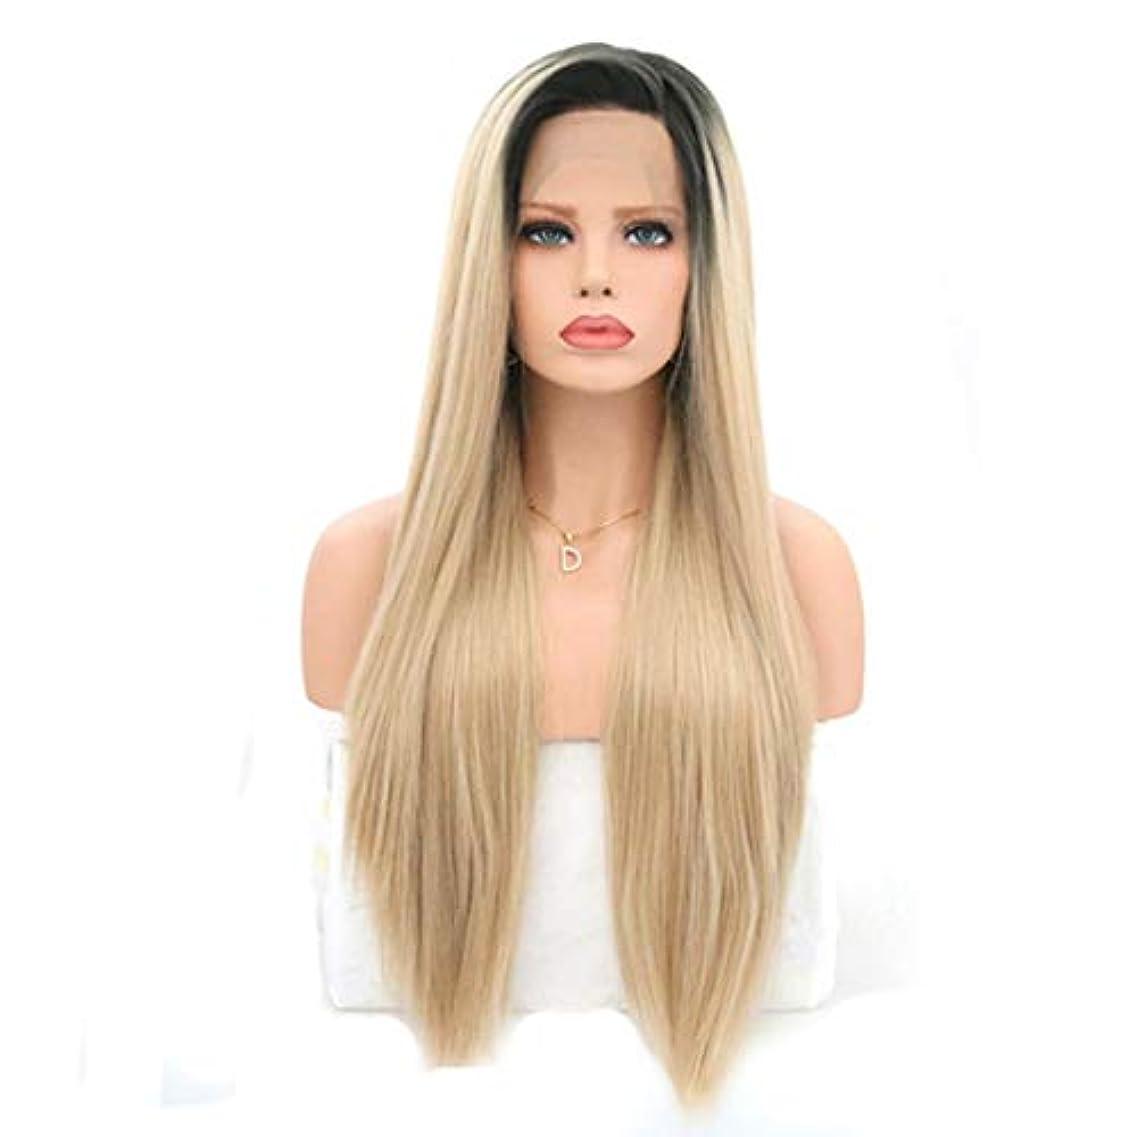 行方不明印象バウンドKerwinner 女性のためのロングストレートかつら前髪付きかつら人工毛髪かつら自然なかつら (Size : 18 inches)